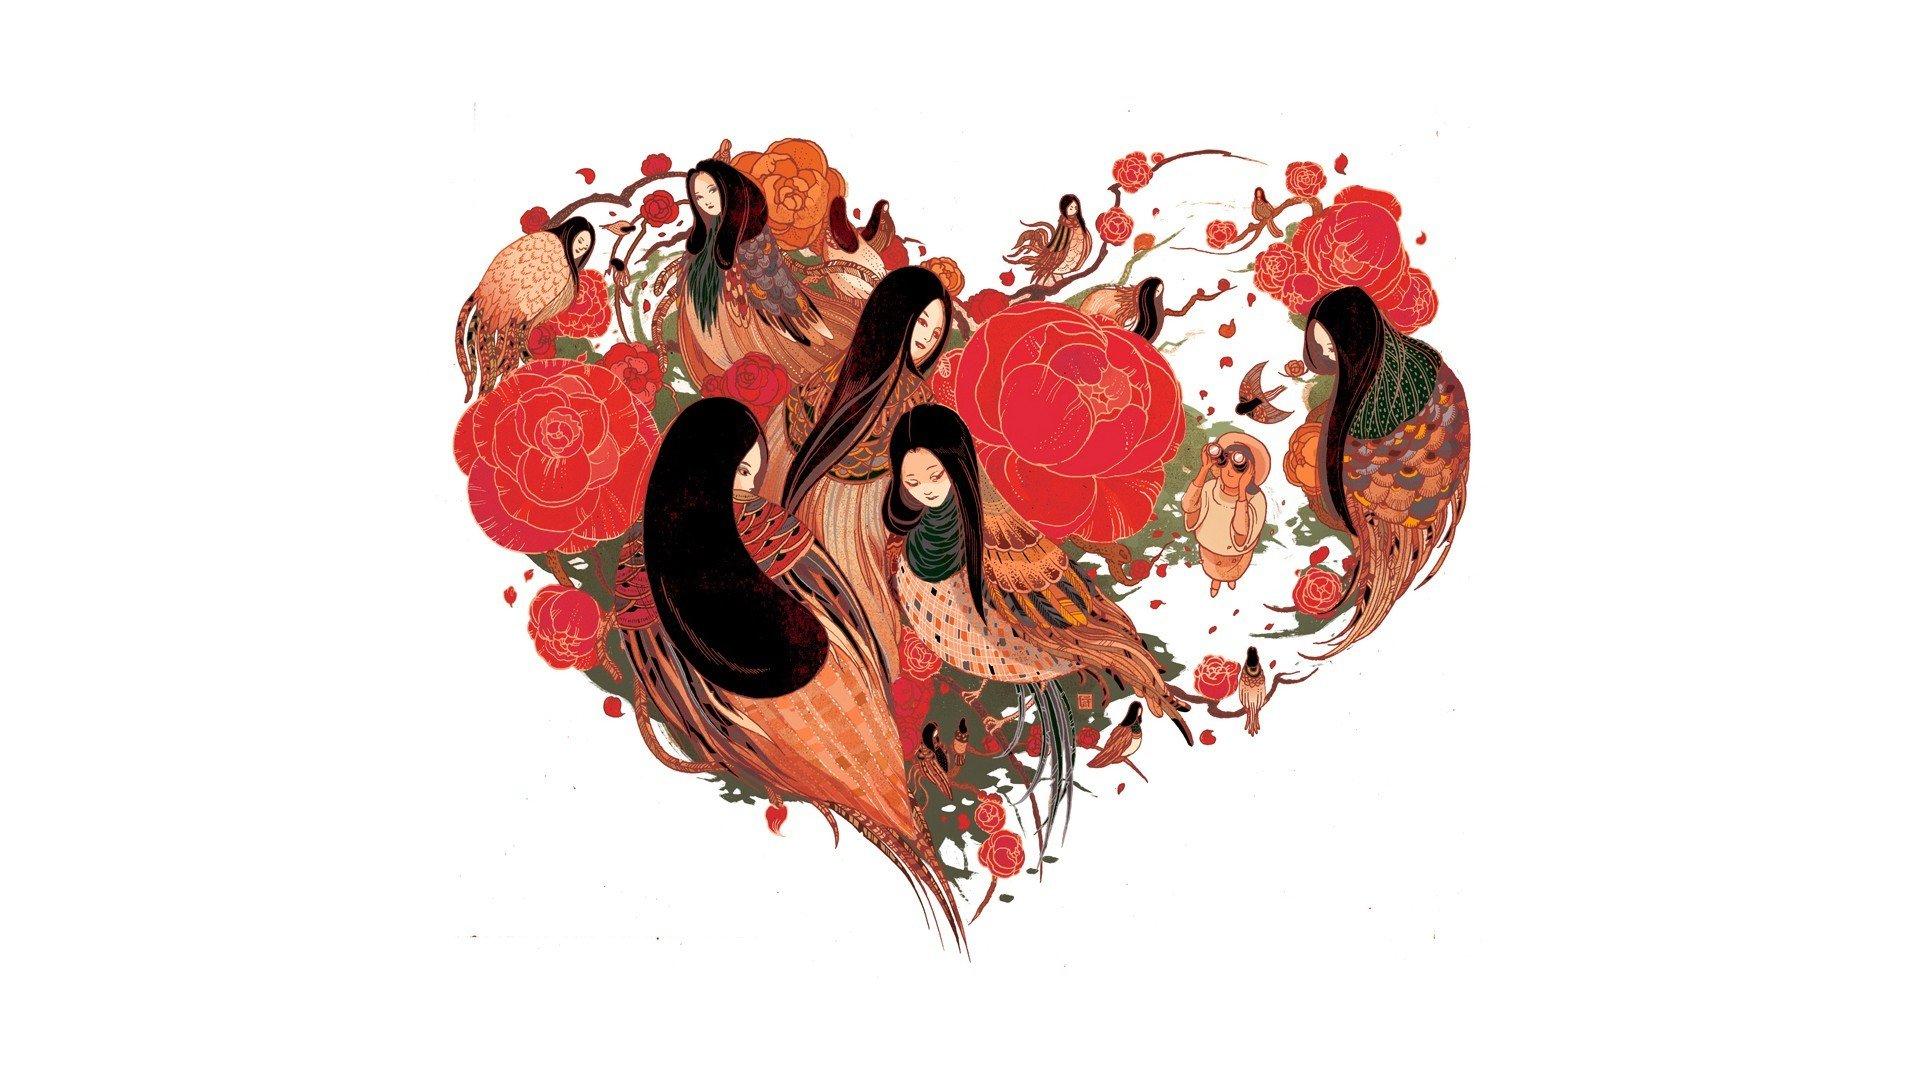 сердце арт загрузить